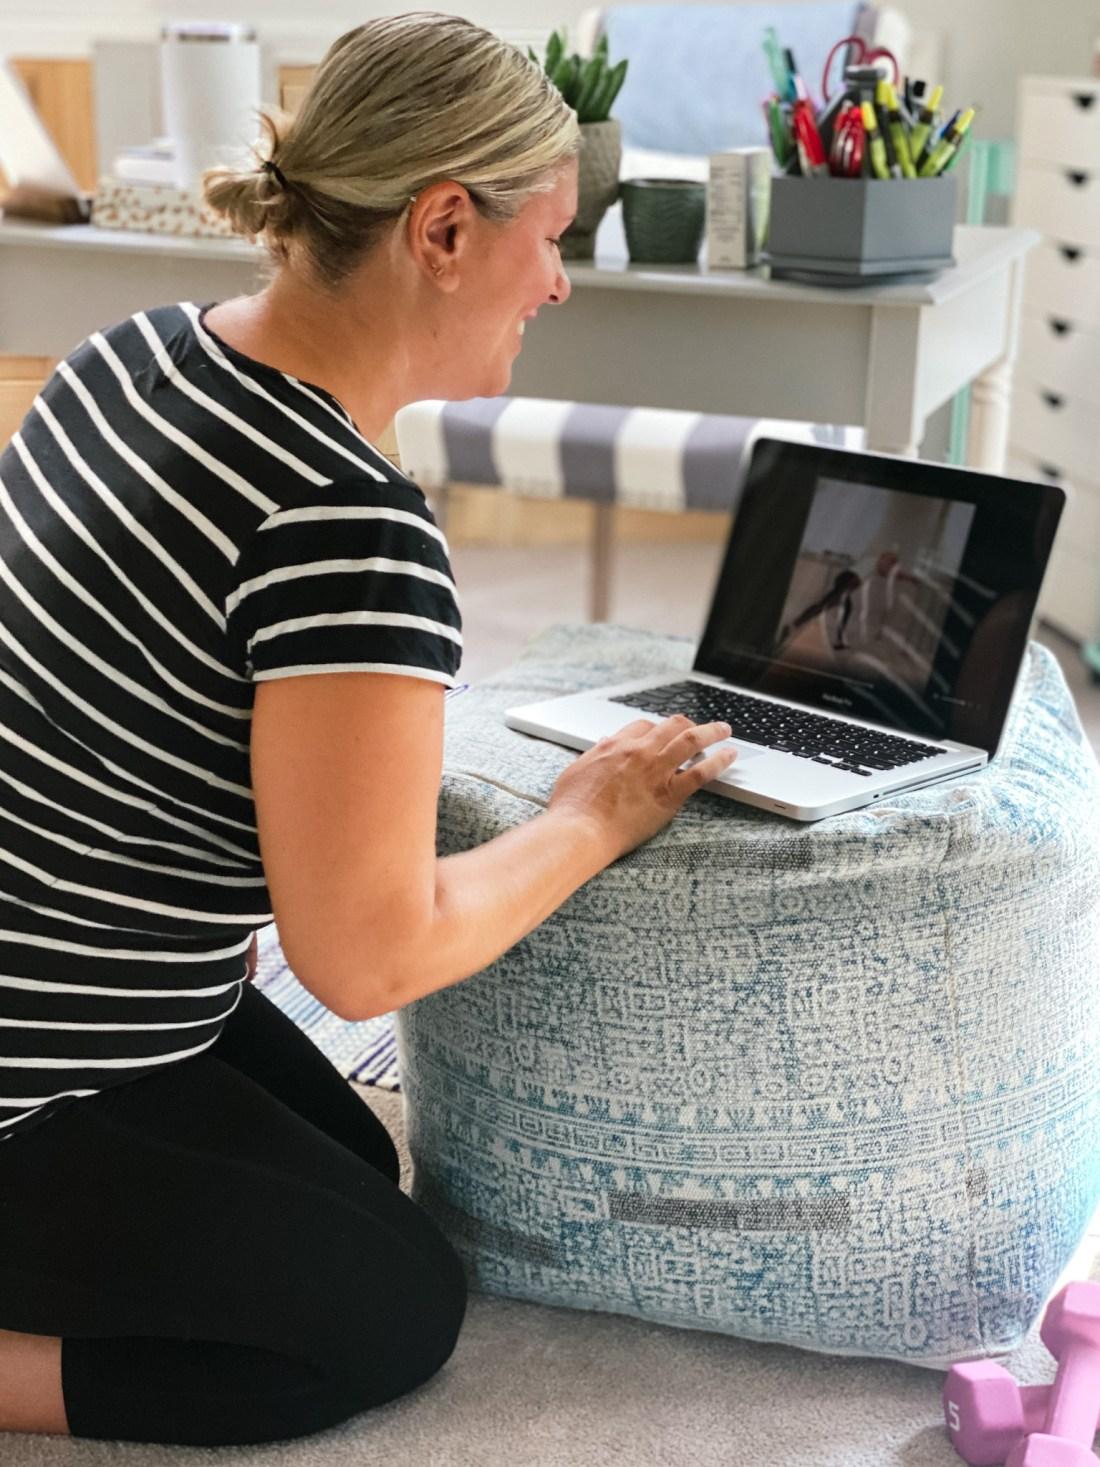 Virtual Barre Classes with Greenwich Barre Studio